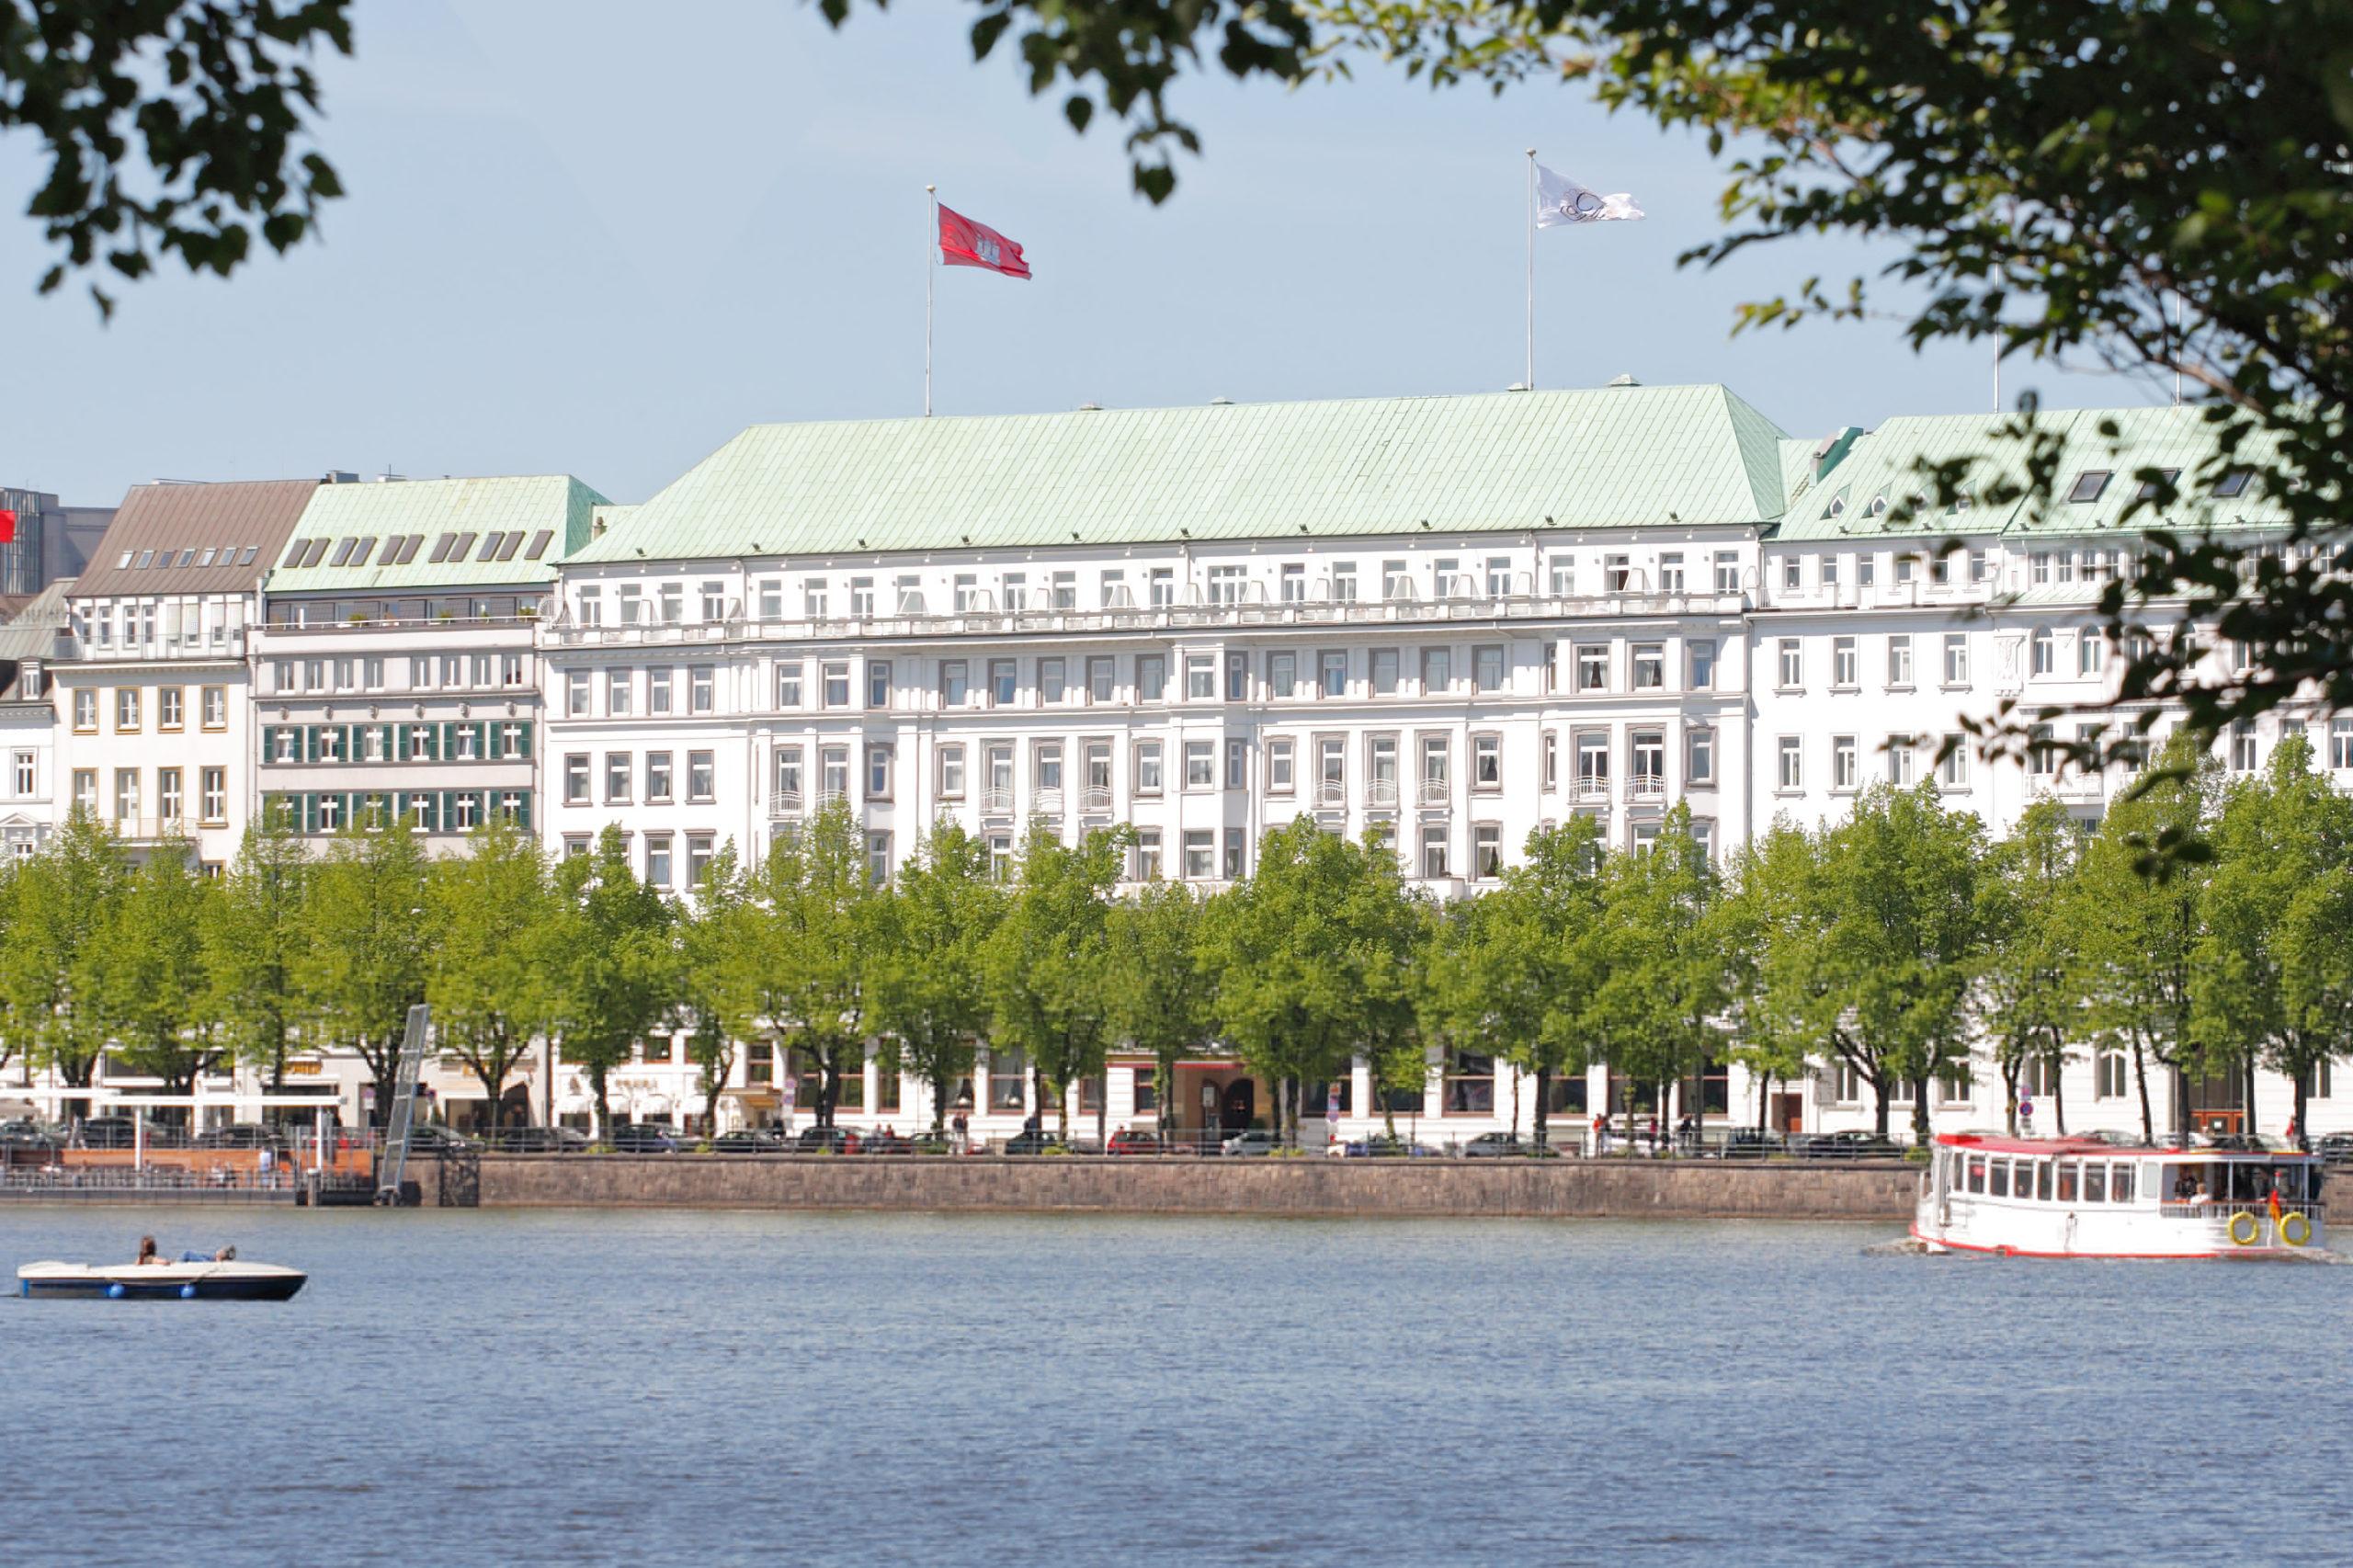 Fairmont Hotel Vier Jahreszeiten, Hamburg